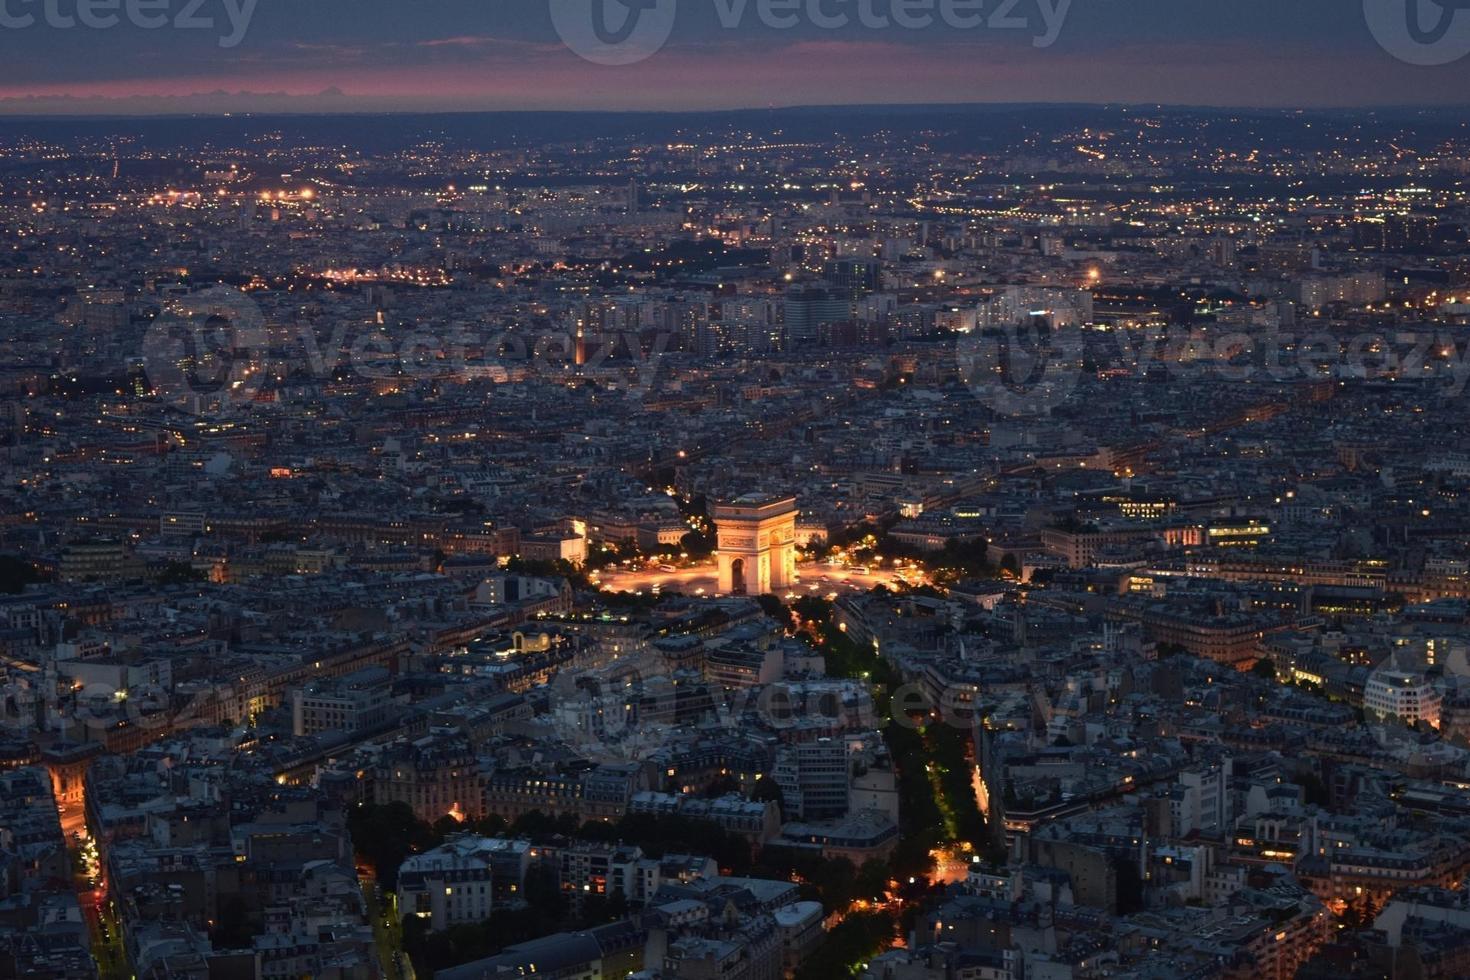 Illuminated Paris 2 photo